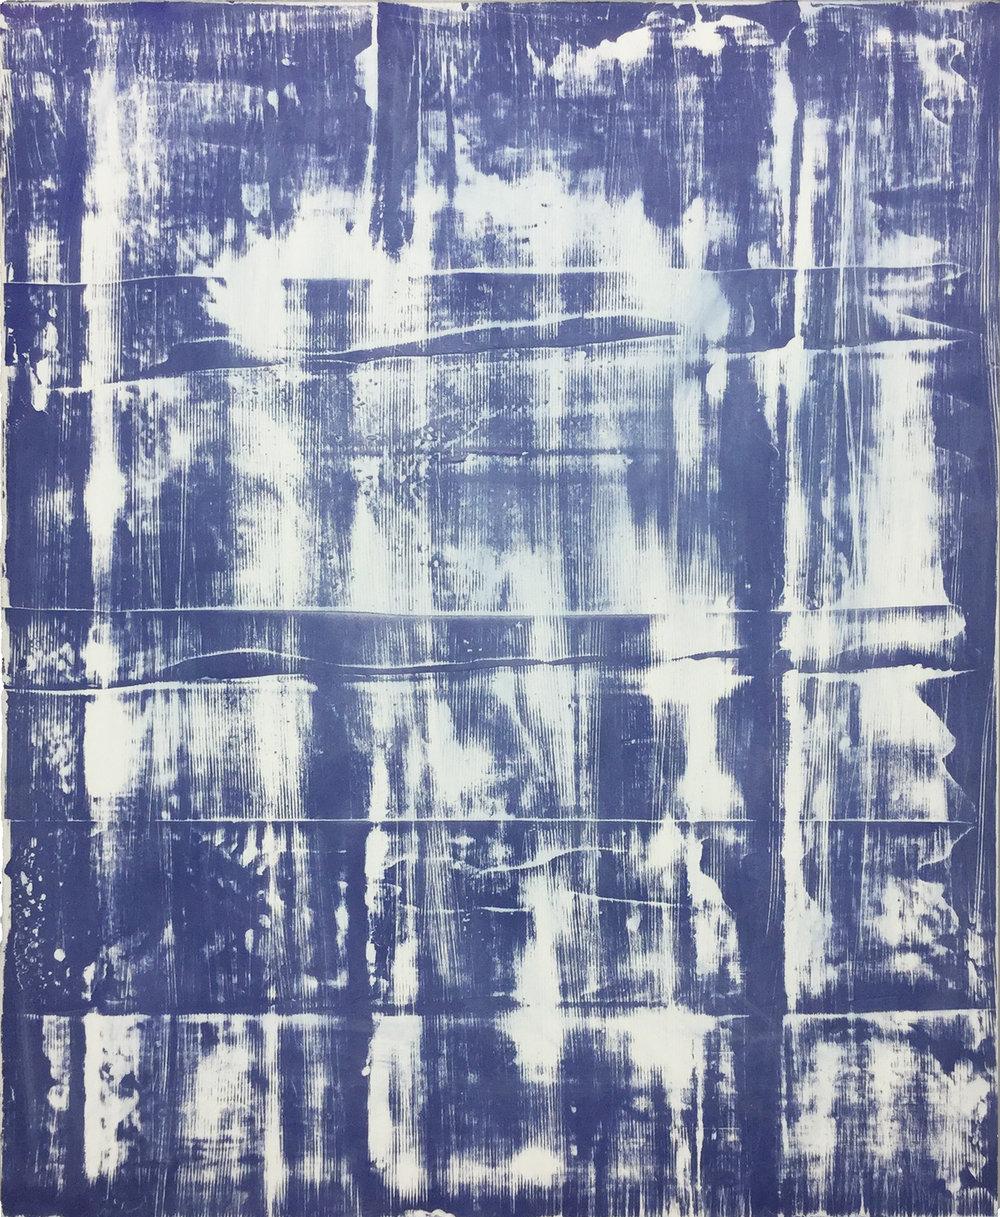 """Pierre Julien,  Offcut 02 , 2017, plâtre et acrylique sur gypse, 30"""" x 24"""" (76 x 61 cm)."""